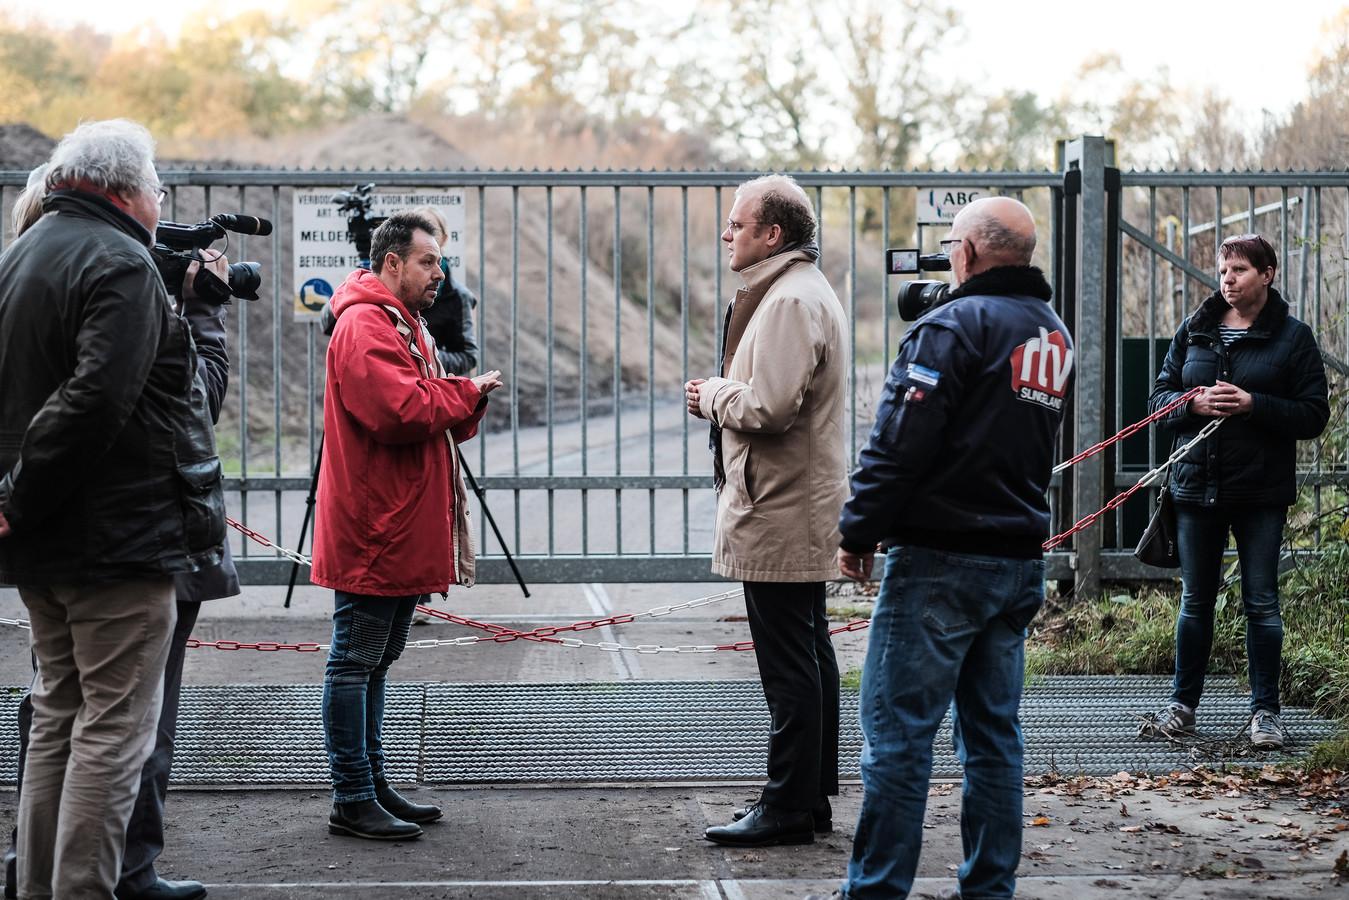 Joris Bengevoord (lichte jas), burgemeester van Winterswijk, in gesprek met een lid van de SP bij het zanddepot vlakbij de kleiput. Enkele actievoerders wilden woensdagmiddag de aanvoerweg blokkeren.